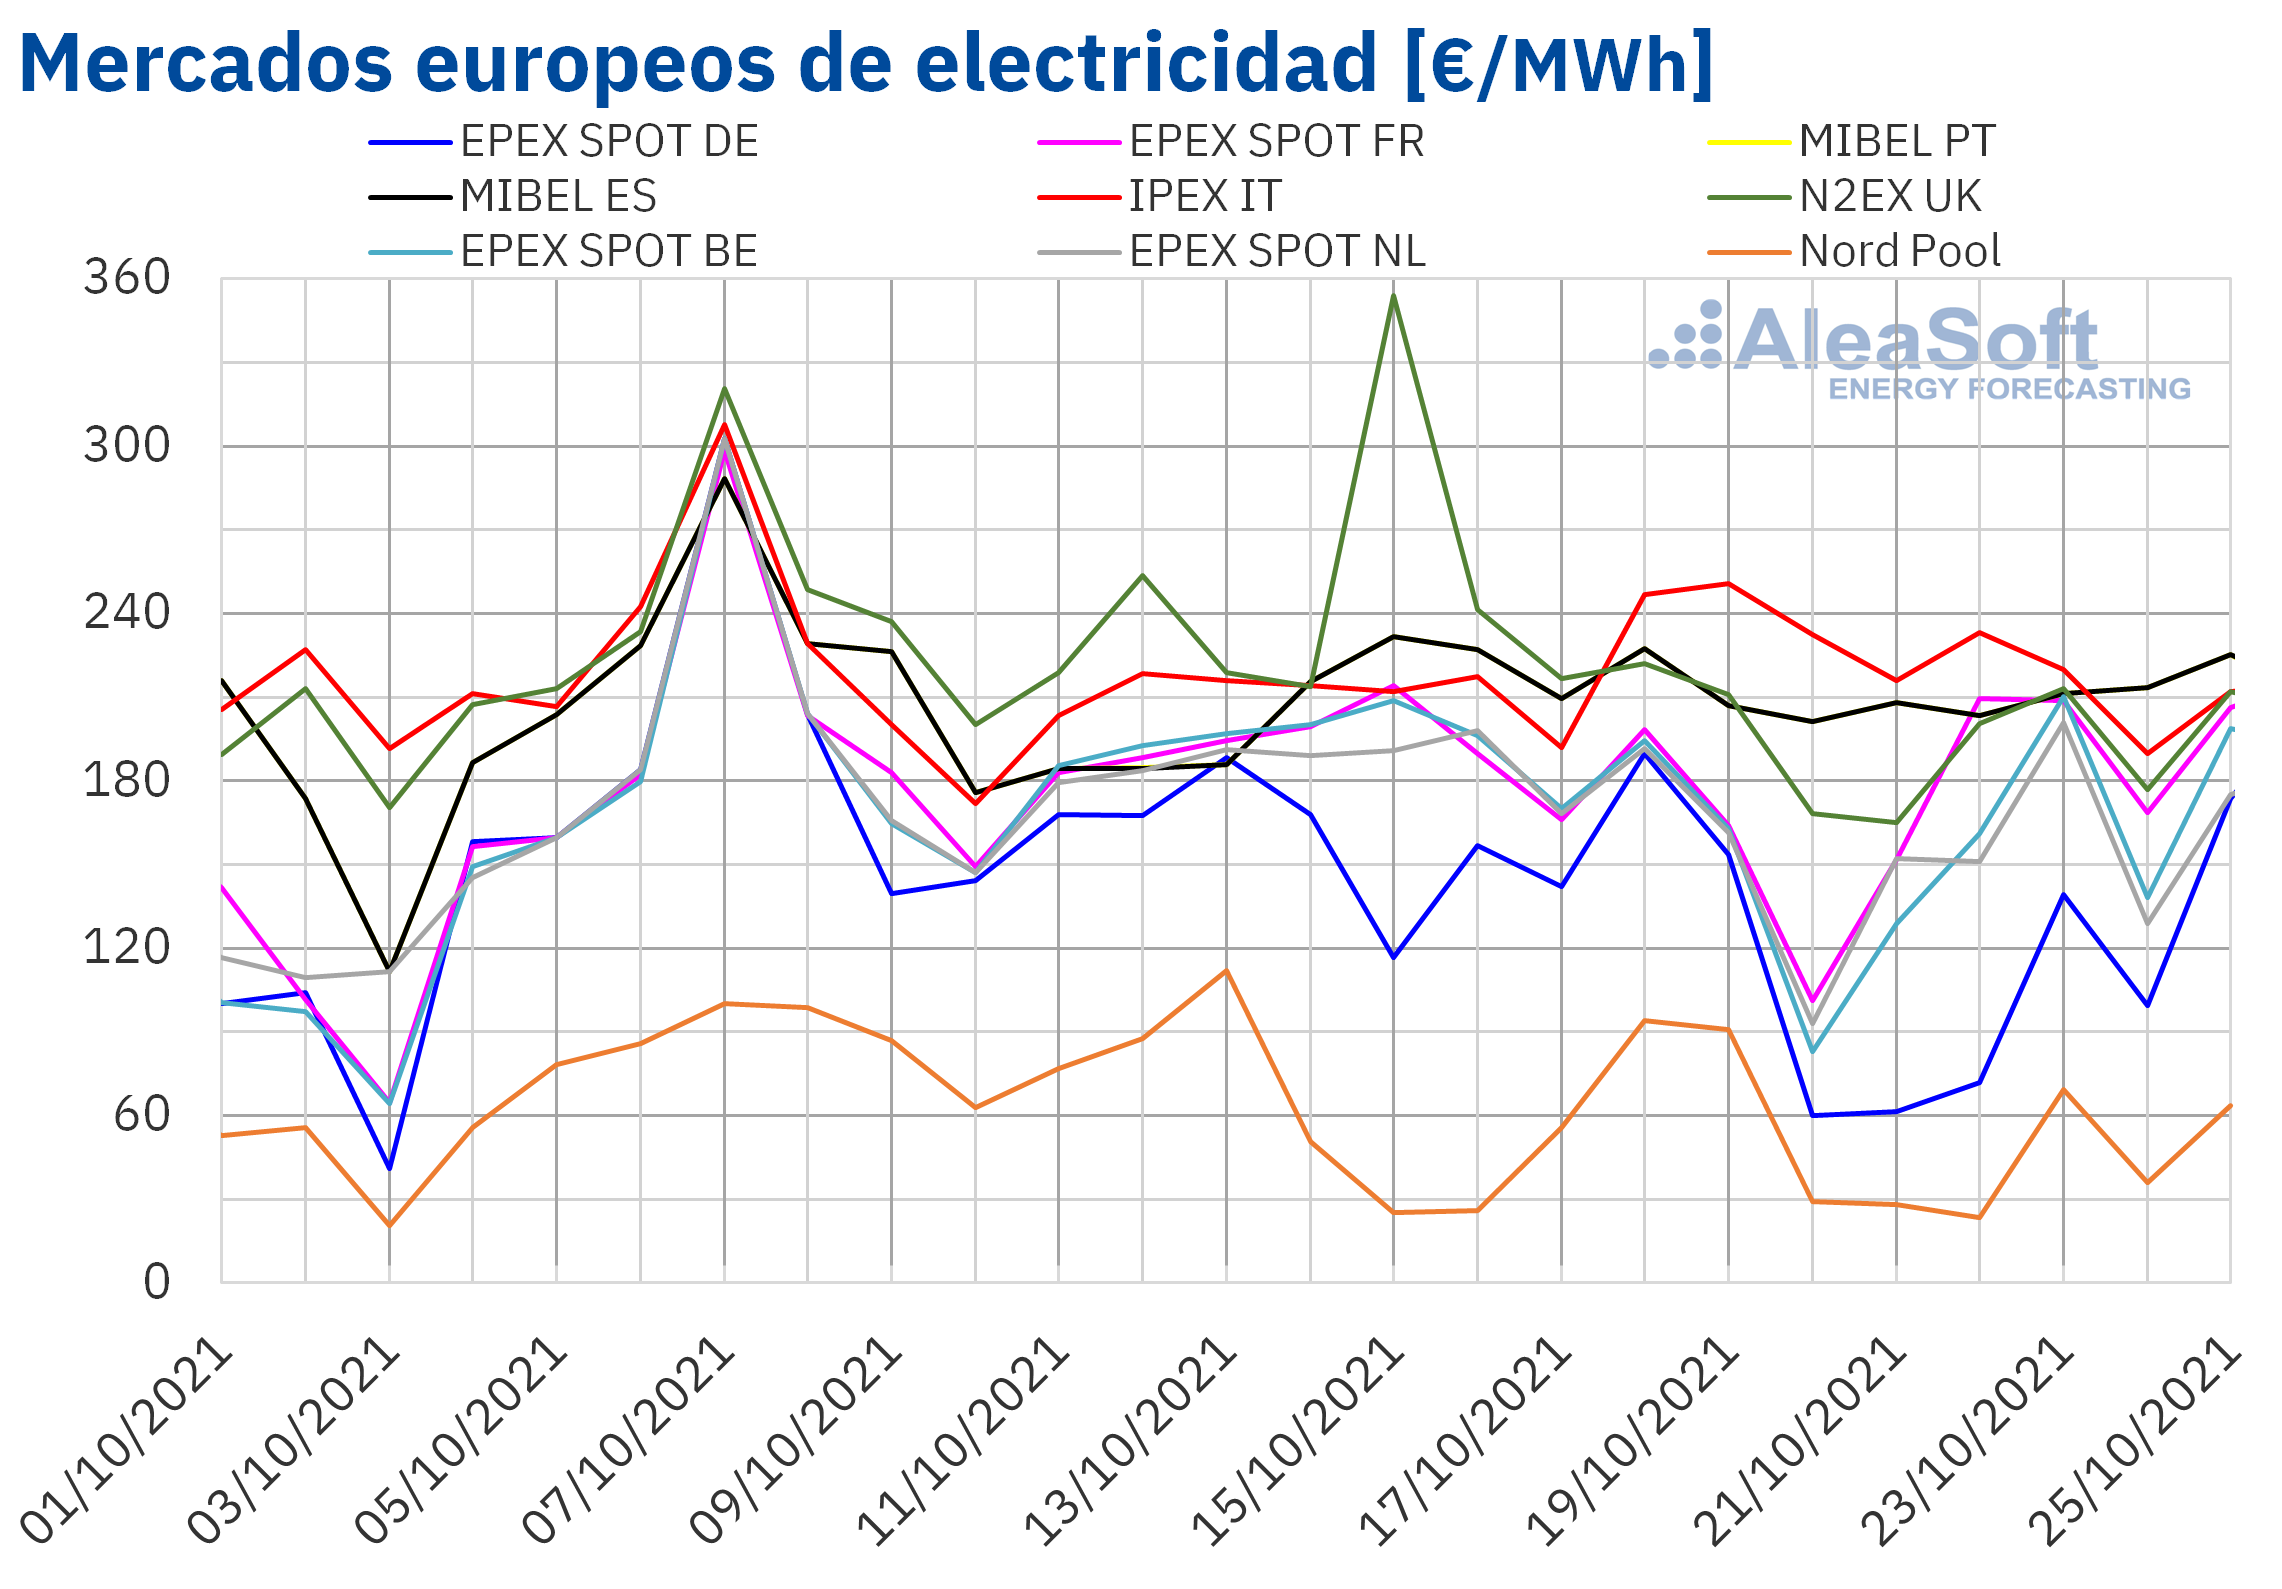 AleaSoft: Segunda semana consecutiva de descensos de precios en la mayoría de mercados de energía europeos